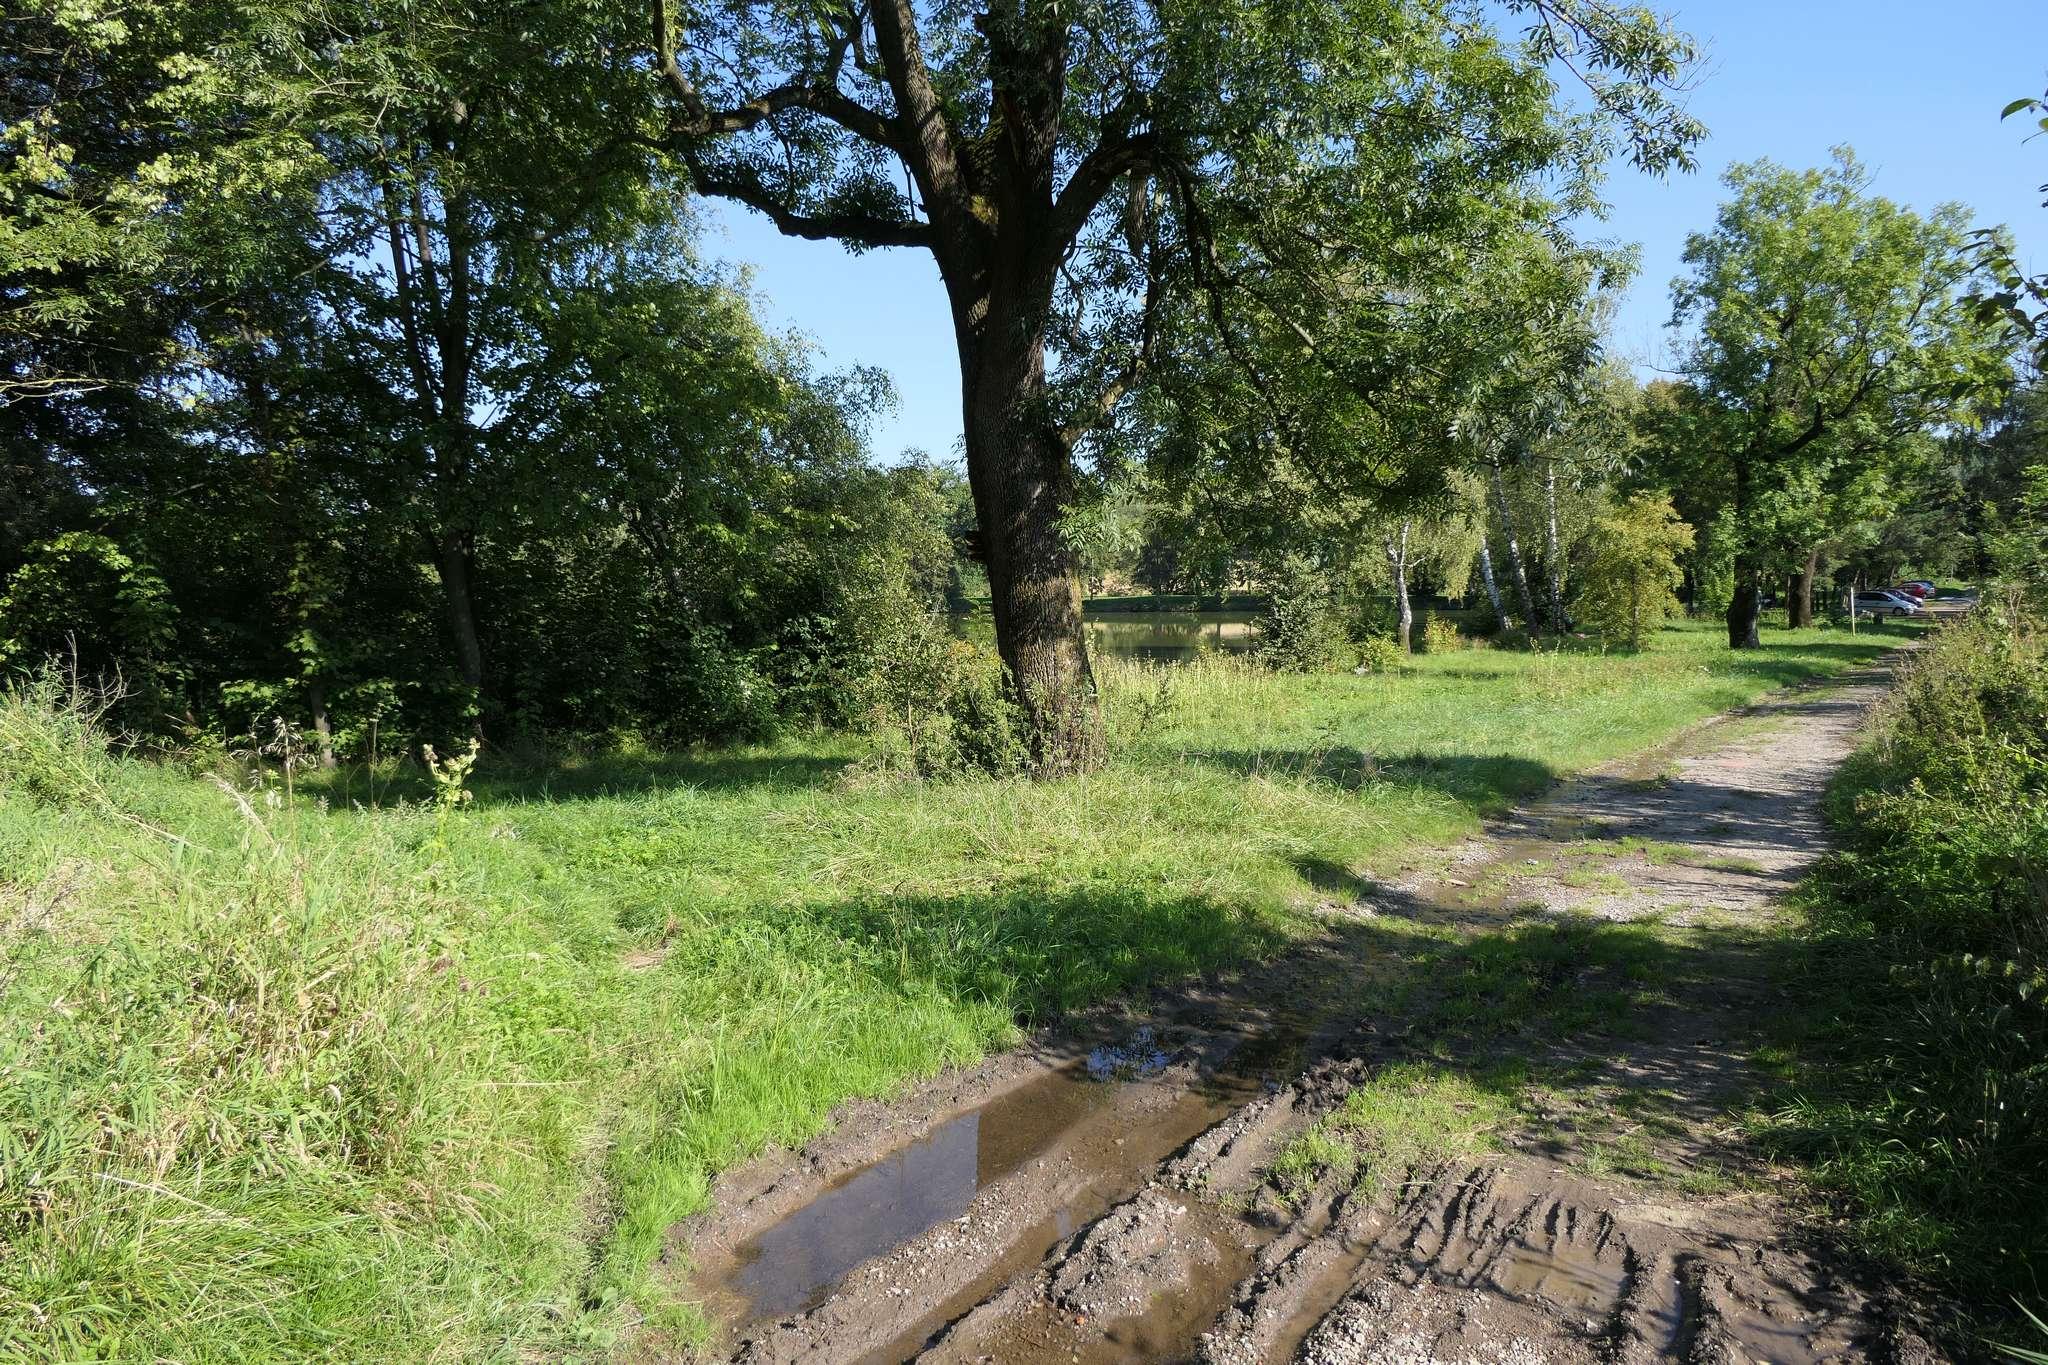 W miejscu, w którym ul. Ustrońska skręca w prawo, należy skręcić w lewo ścieżką obok widocznego na zdjęciu drzewa.